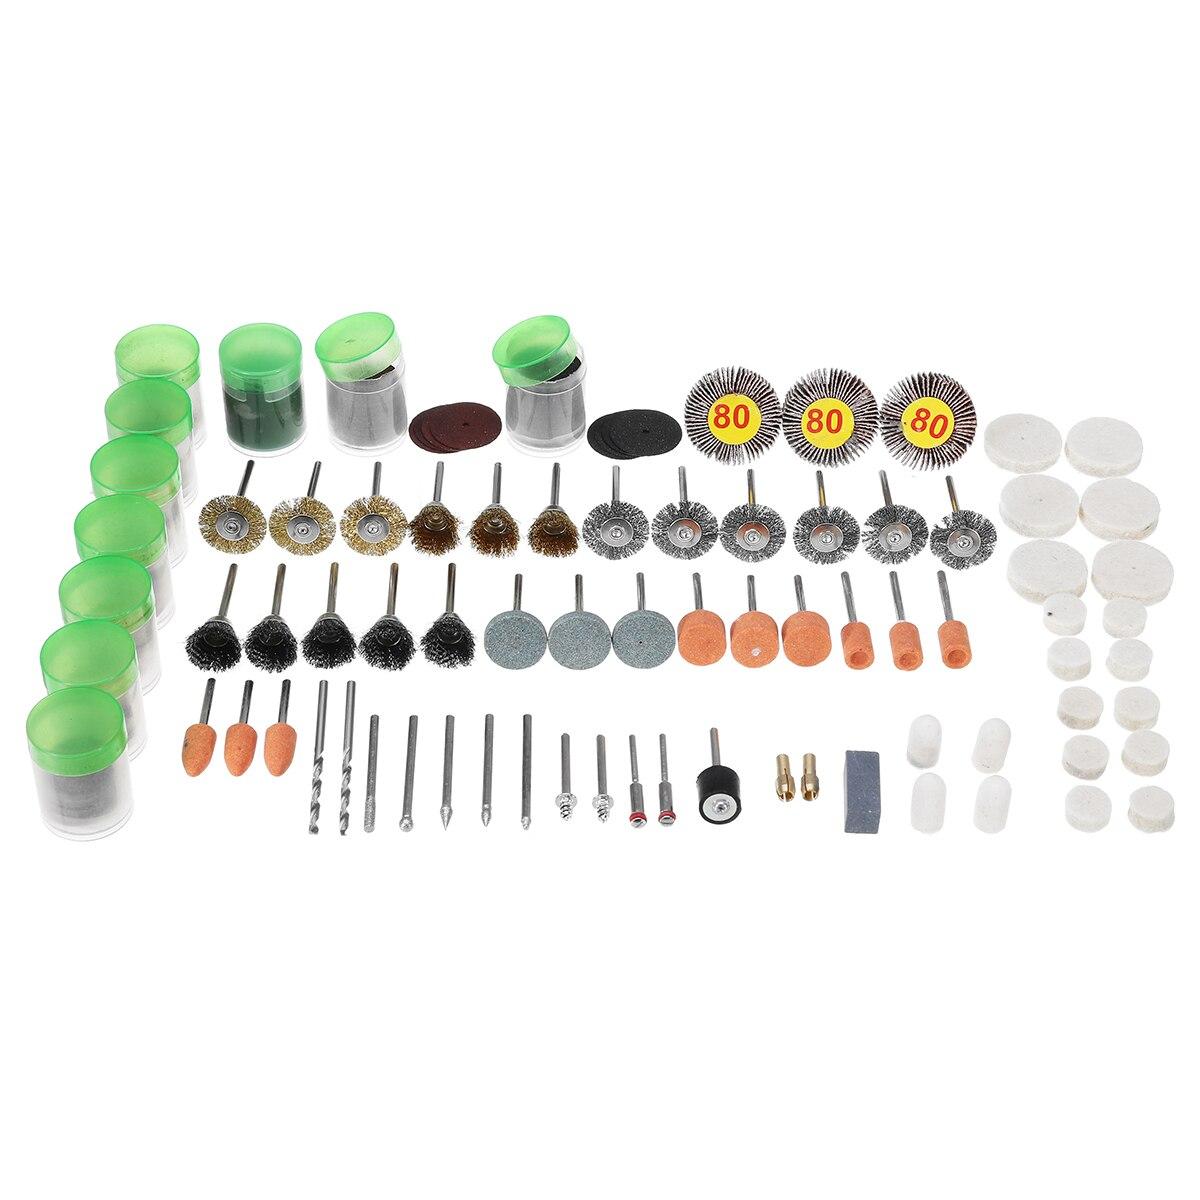 цена на 338pcs 1/8 Inch Shank Rotary Tool Accessories Set Polishing Cutting Grinding Bits for Dremel